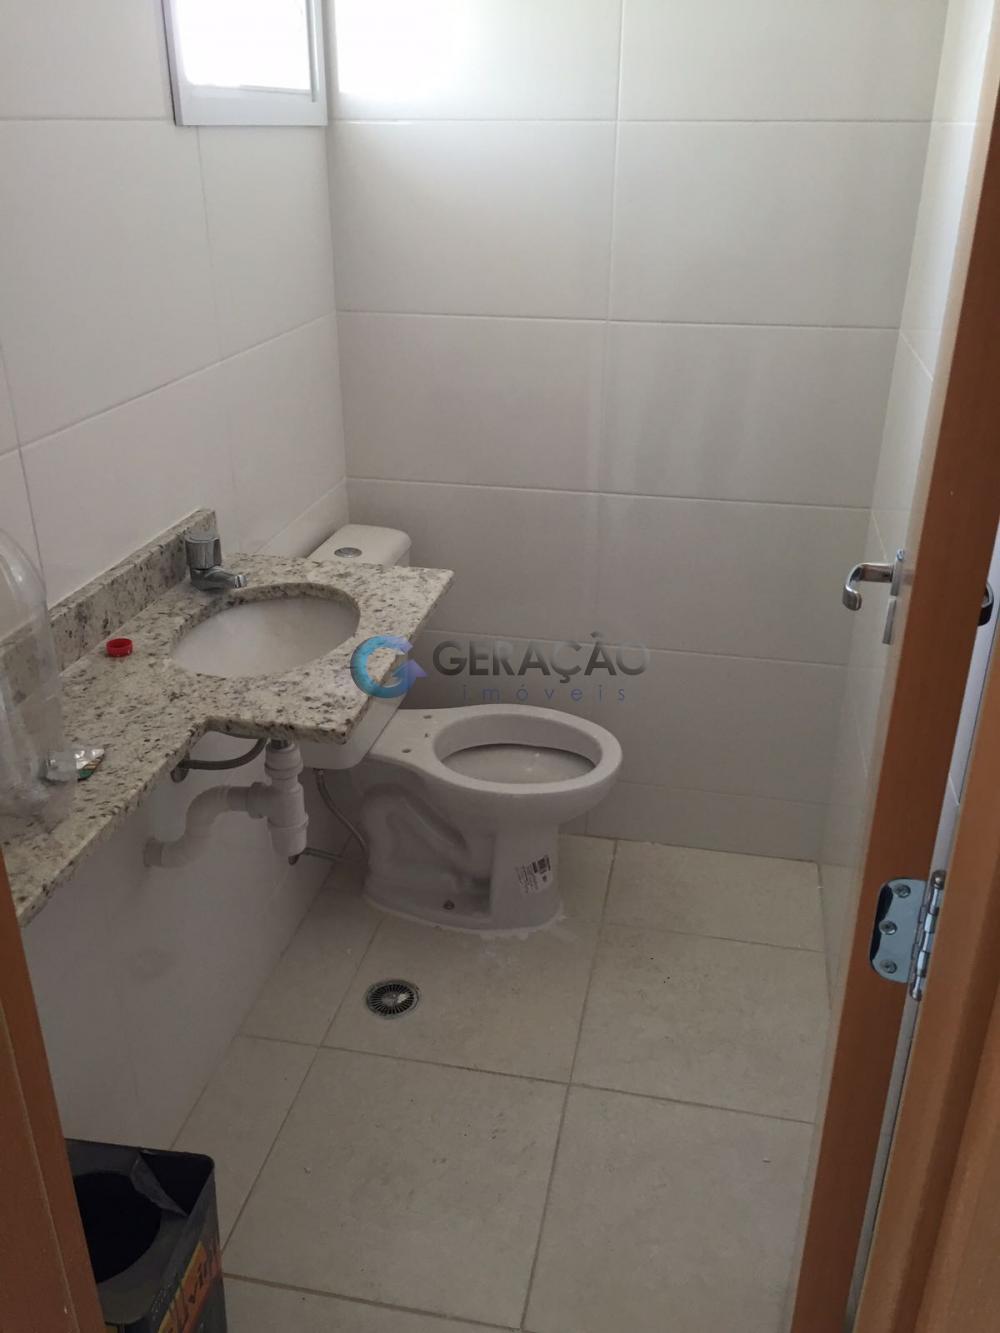 Alugar Comercial / Sala em Condomínio em São José dos Campos R$ 1.600,00 - Foto 3